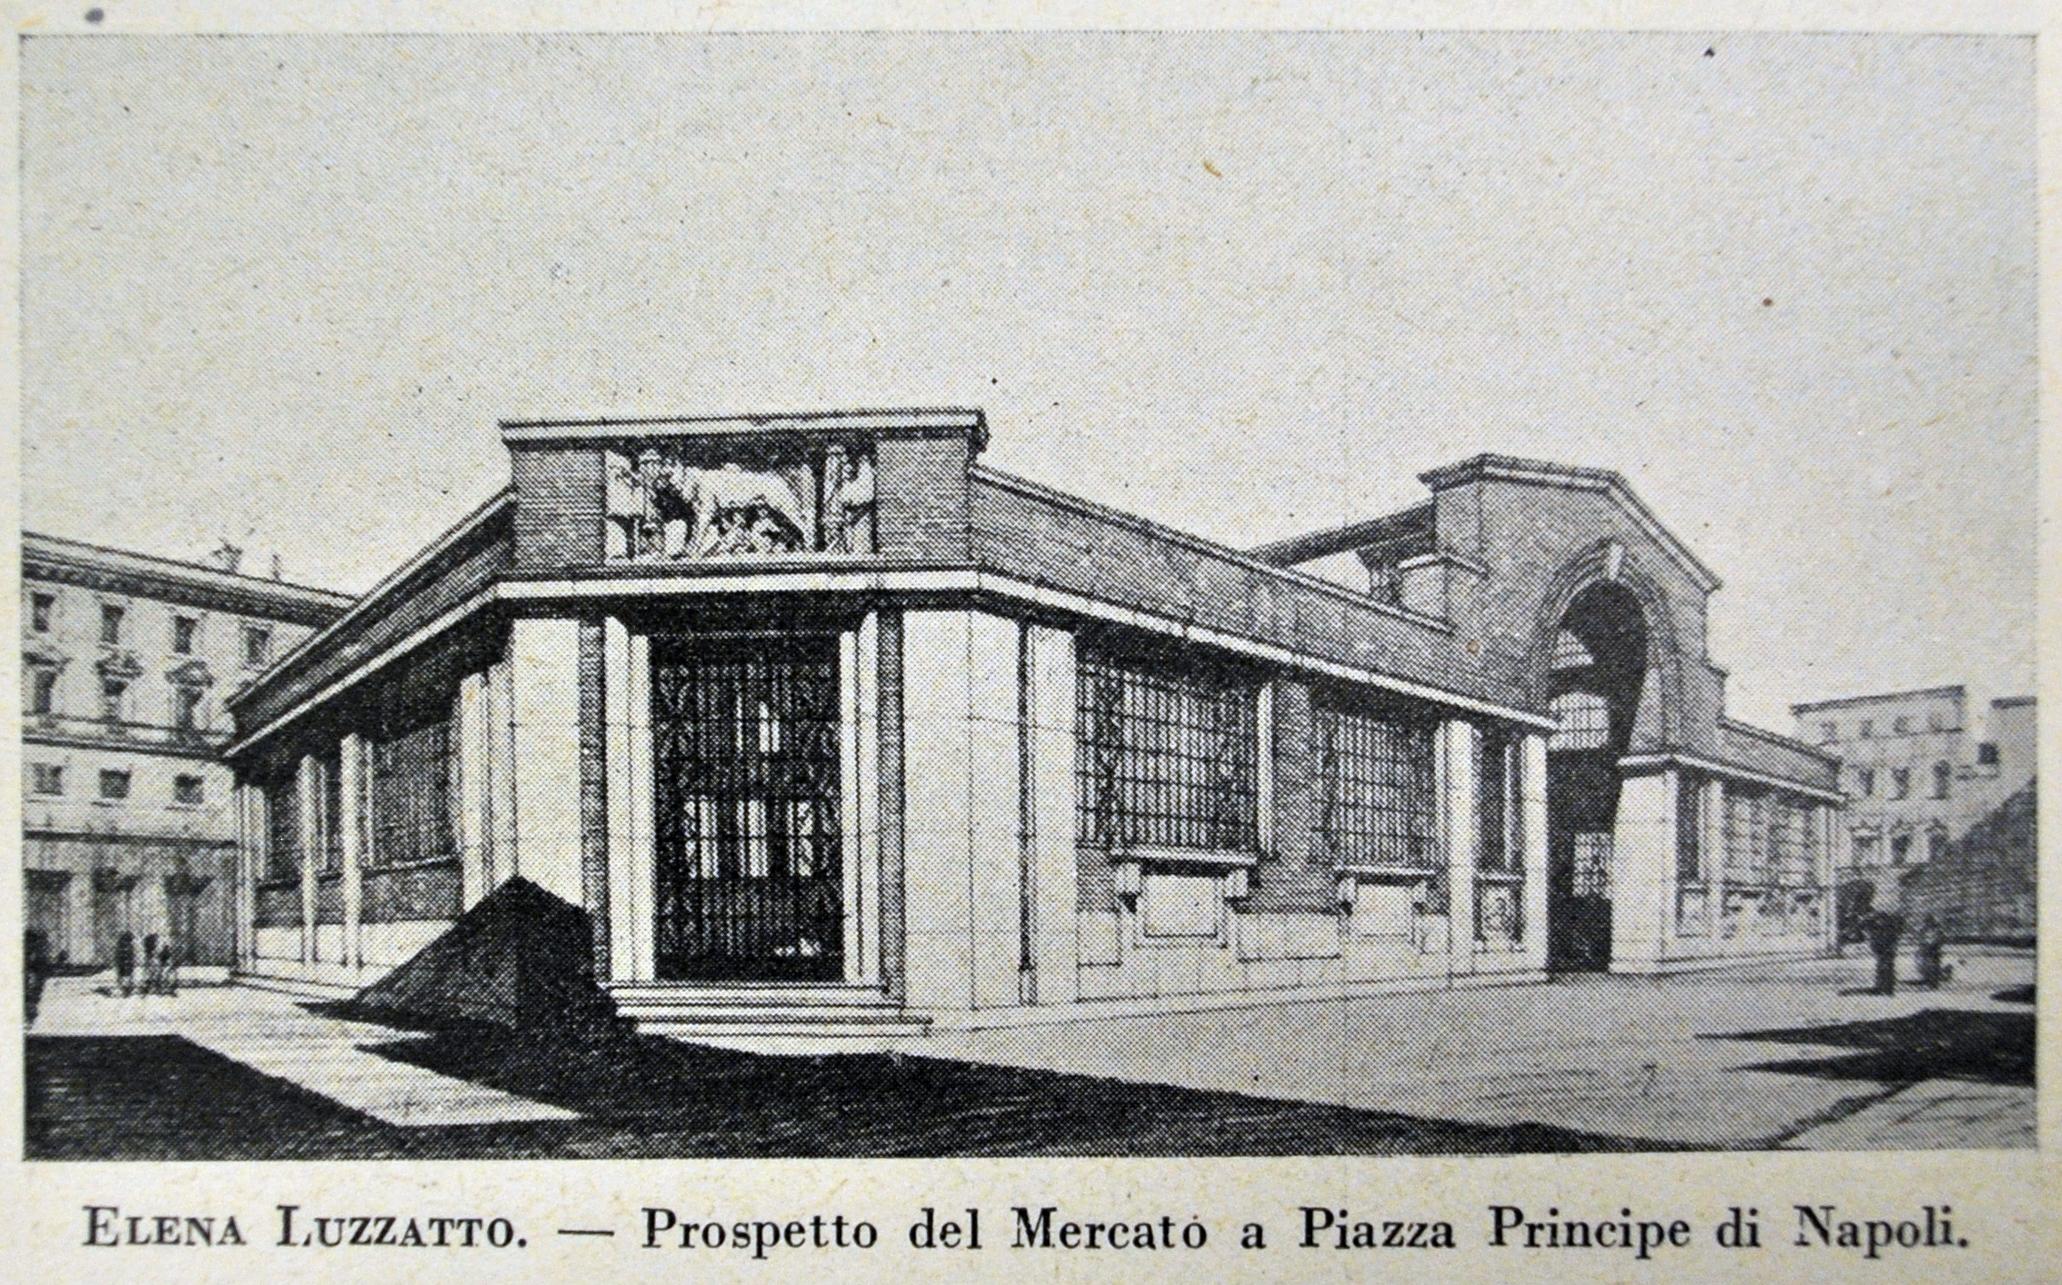 Mercatto Roma by Elena Luzzatto Valentini, 1935